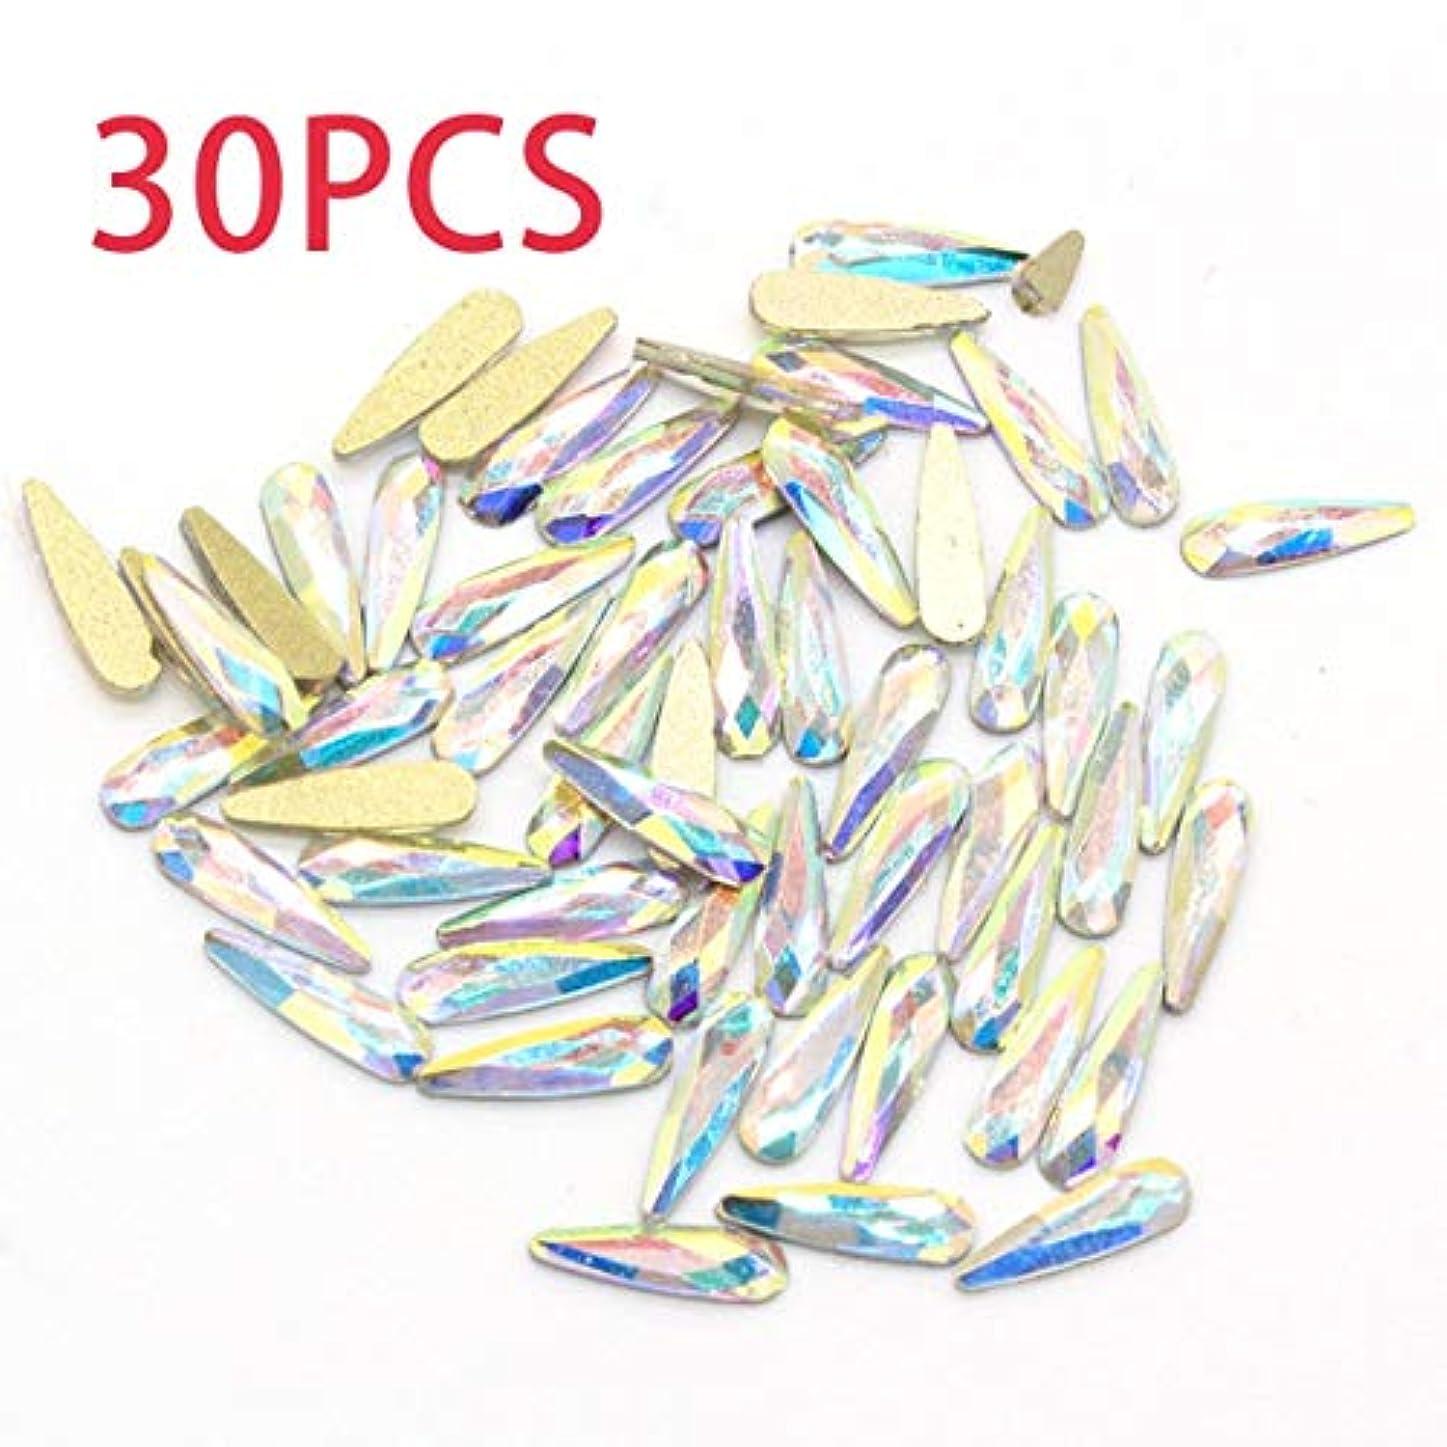 合法インチ深さBirdlanternネイルクリスタル宝石用釘3Dネイルアートの装飾フラットバックドロップガラスストラスストーンジュエリーABダイヤモンドDIY